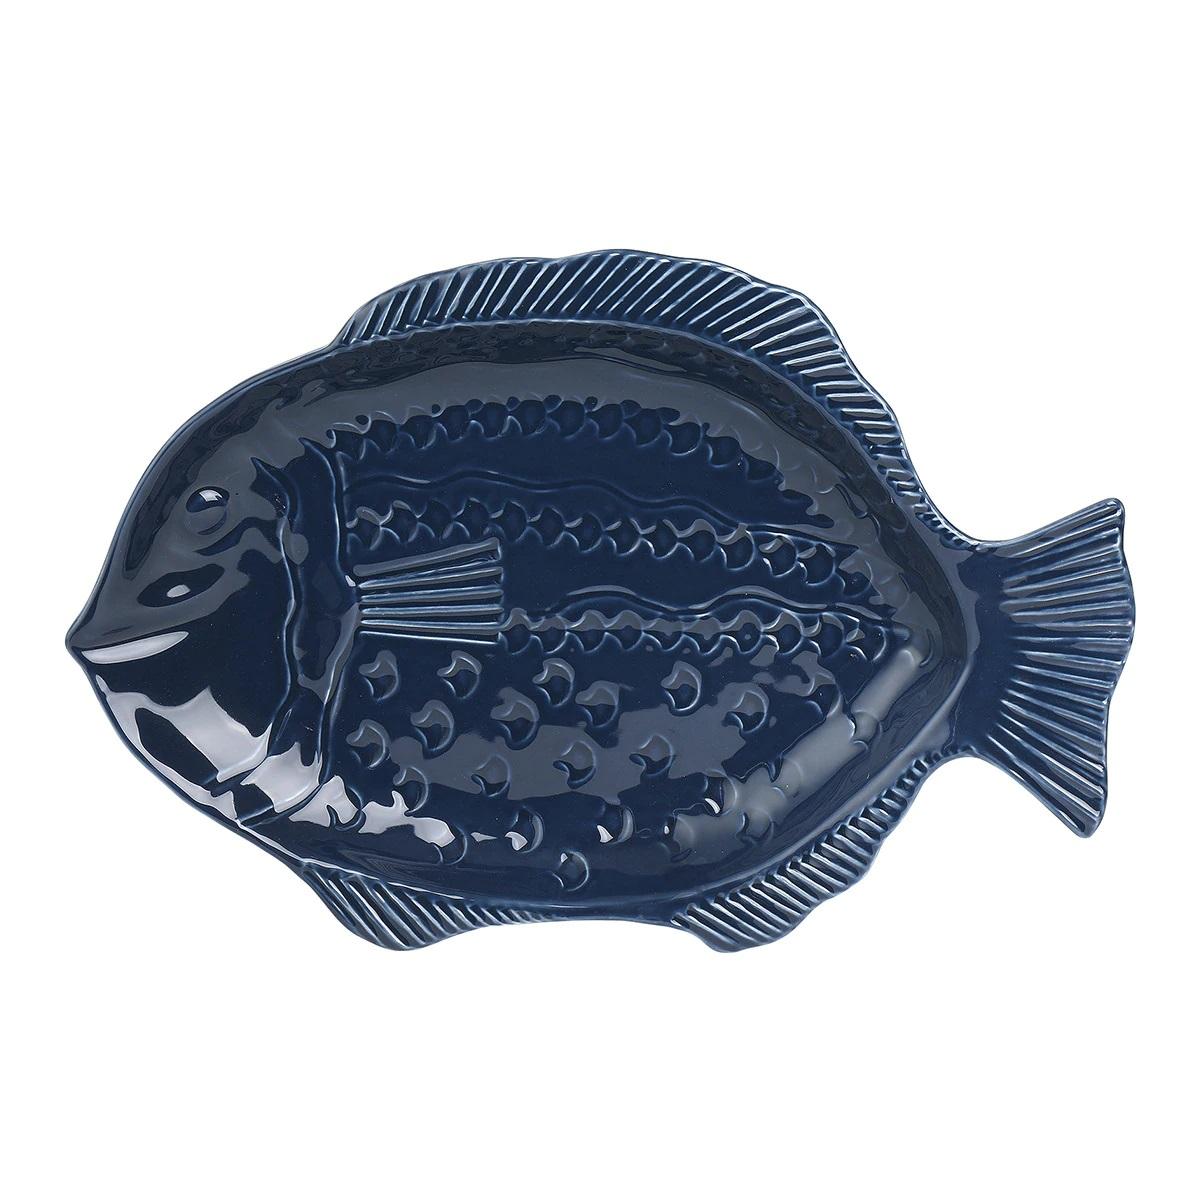 Plato decorativo con forma de pez